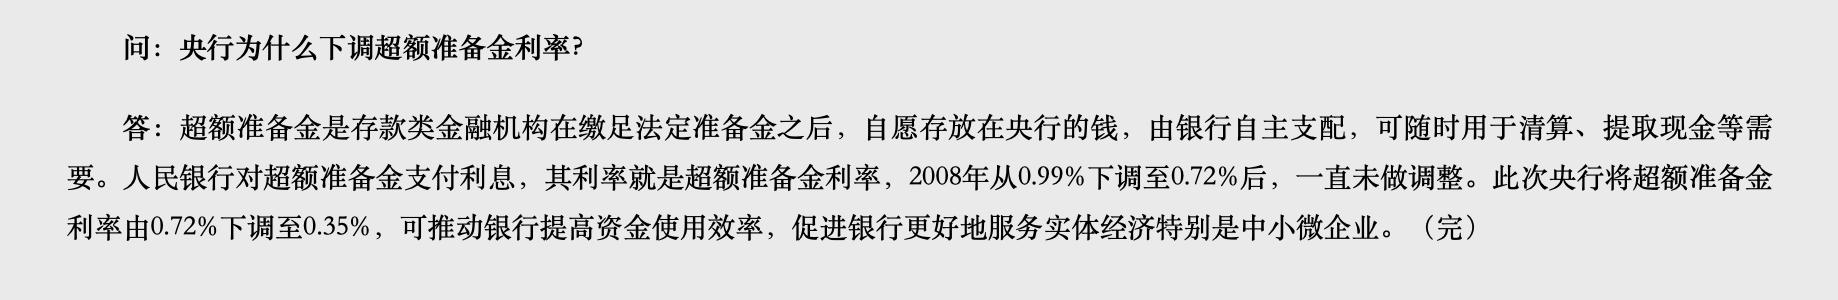 央行时隔12年再次下调超额存款准备金利率,降至0.35%